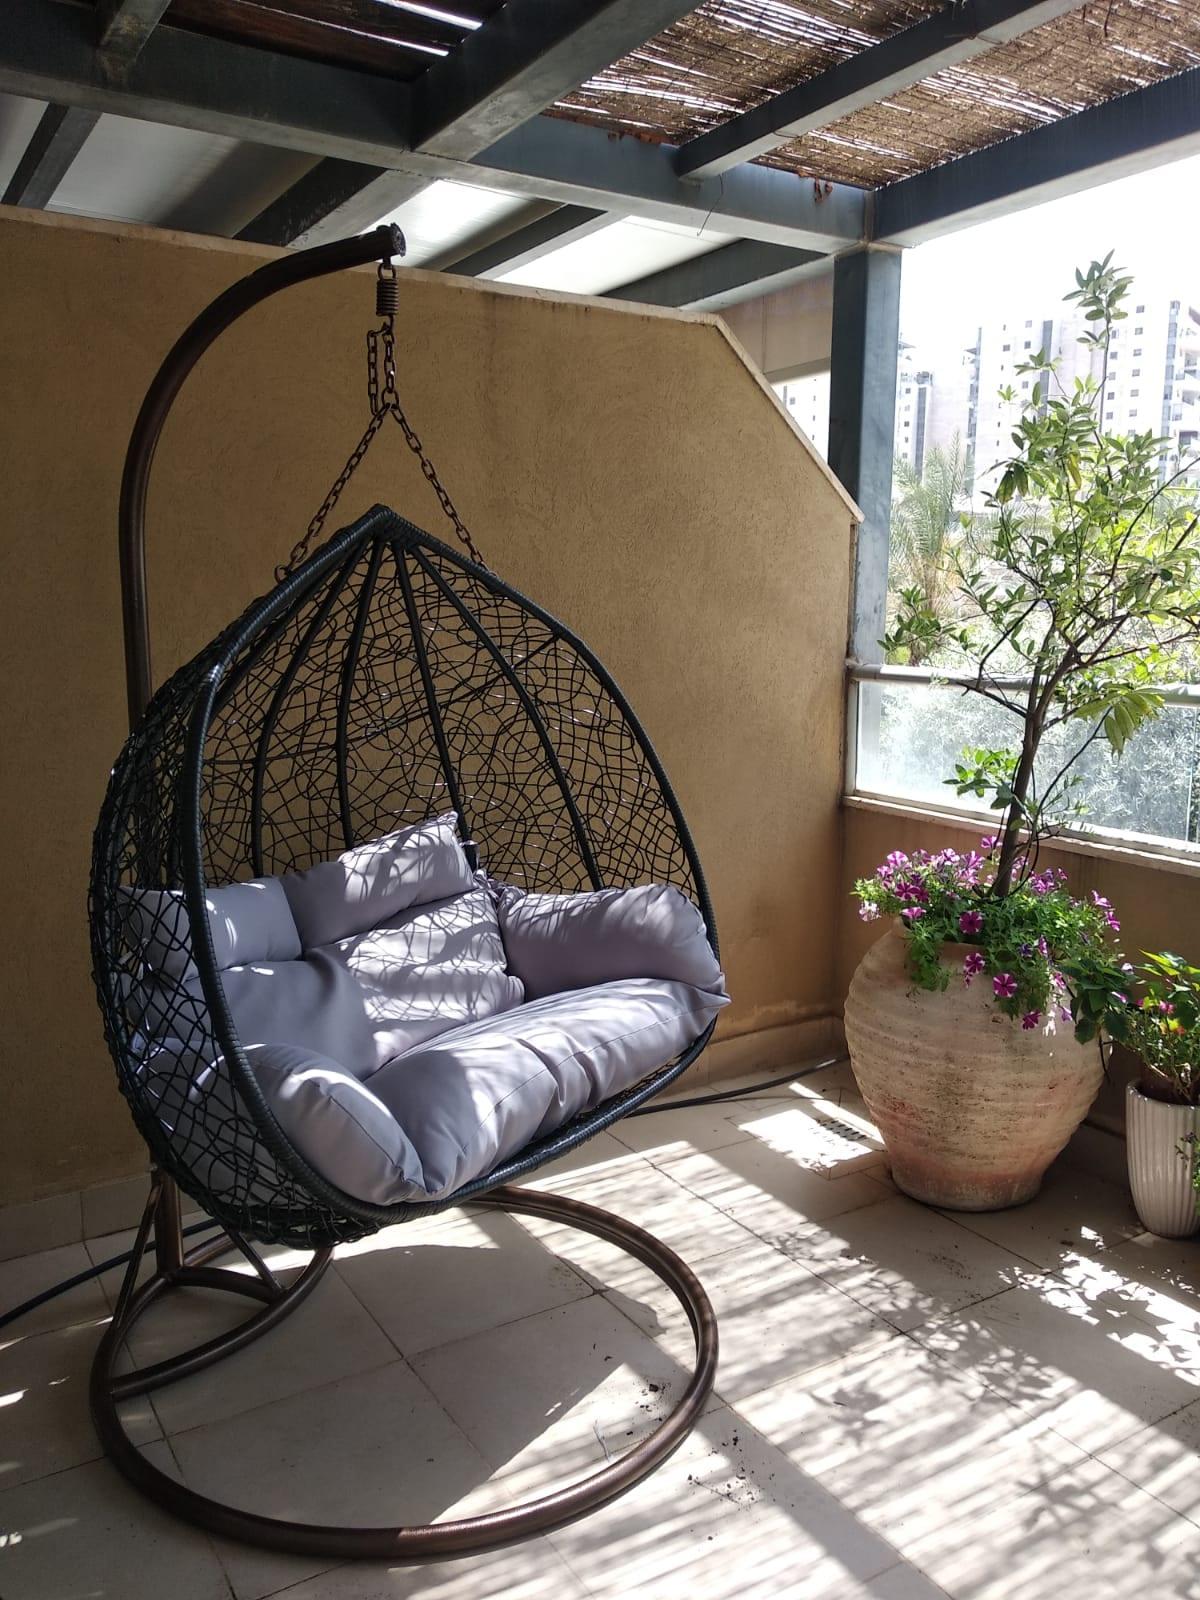 ערסל זוגי למרפסת ולגינה